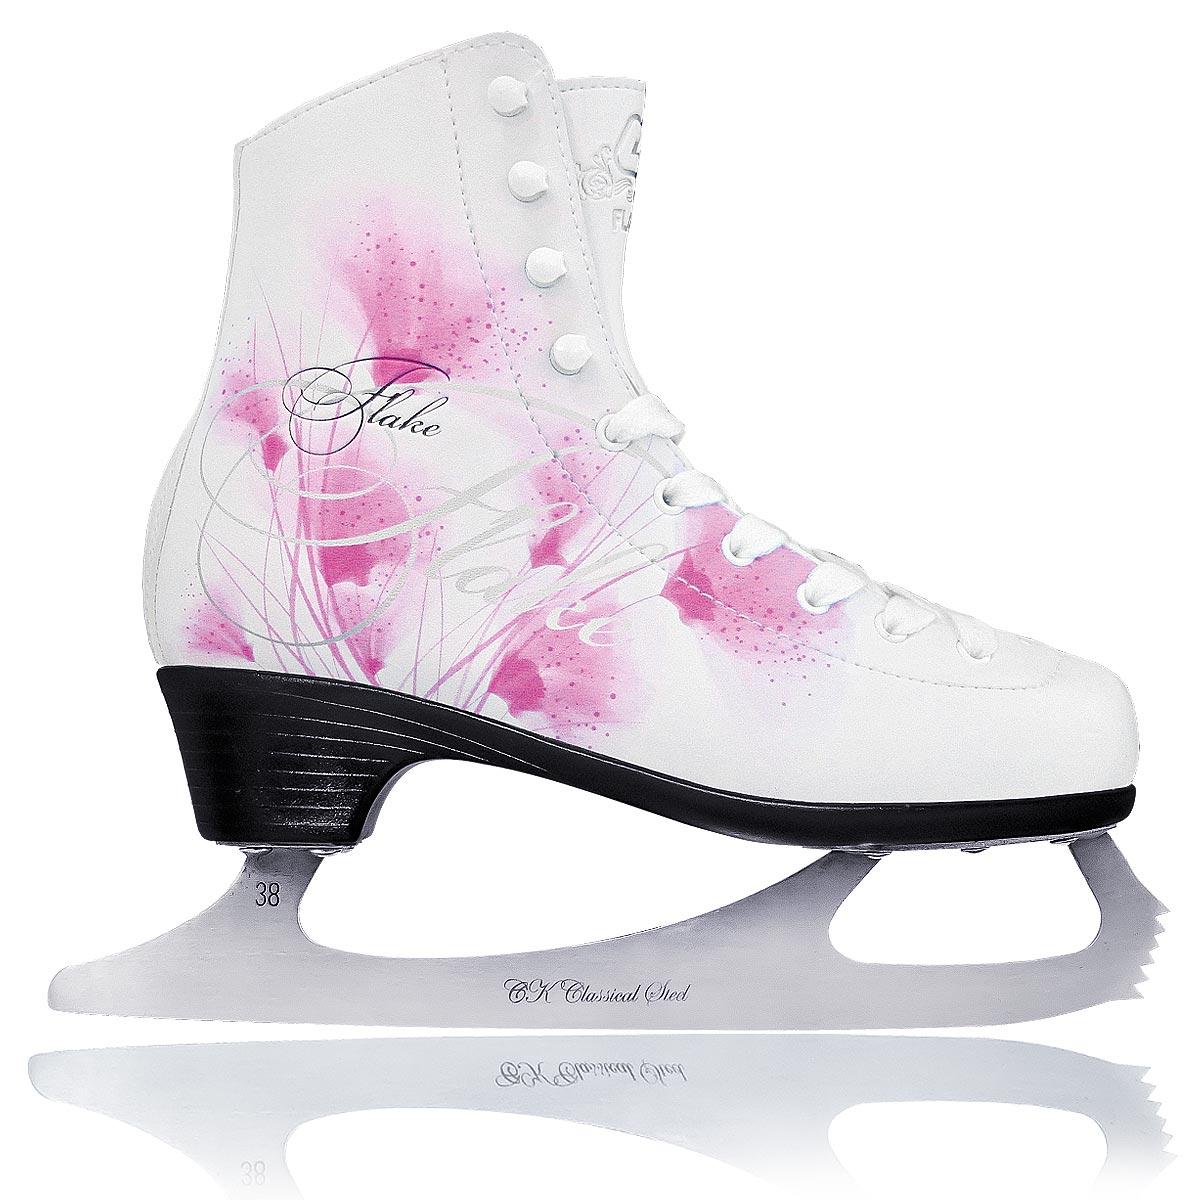 Коньки фигурные для девочки CK Flake Leather, цвет: белый, фуксия. Размер 32CK Ladies Lux 2012-2013 White TricotФигурные коньки от CK Flake Leather идеально подойдут для любительского катания. Модель выполнена из современной морозоустойчивой искусственной кожи с высокой, плотной колодкой и усиленным задником, обеспечивающим боковую поддержку ноги. Внутренняя поверхность из натуральной кожи обеспечивает удобство во время движения. Анатомический язычок из войлока и искусственной кожи идеально облегает стопу и повышает комфорт. Стелька из упругого пенного полимерного материала EVA предназначена для быстрой адаптации ботинка к индивидуальным формам ноги и ее комфортного положения. Ботинок полностью обволакивает ногу, обеспечивает прочную и удобную фиксацию ноги, а также повышенную защиту от ударов. Модель фиксируется на ноге классической шнуровкой. Лезвие выполнено из нержавеющей стали, оно обладает высокой твердостью и долго держит заточку. Модель имеет запатентованную форму лезвия. Уменьшенная передняя пластина и расположение точек опоры стоек оптимально располагают переднюю точку баланса и позволяют улучшить контроль при опоре на переднюю часть конька. Новая запатентованная подошва Graceful обладает элегантным дизайном, повышенной твердостью и пониженным весом. Более высокий каблук делает ногу более изящной и стройной, а также повышает управляемость и маневренность конька.